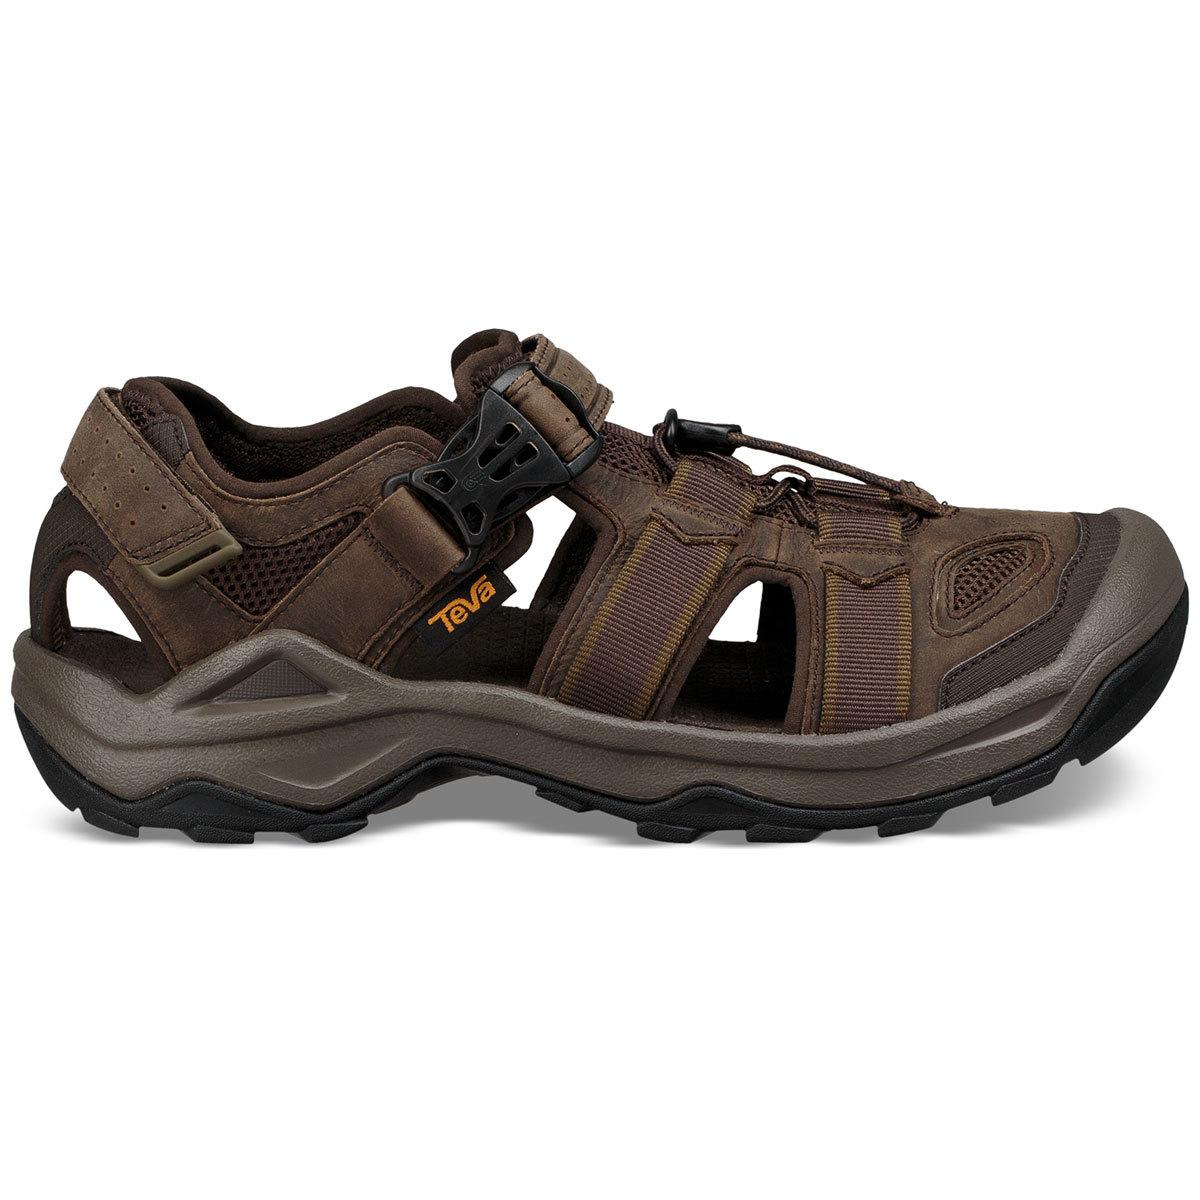 Omnium 2 Leather Hiking Sandals